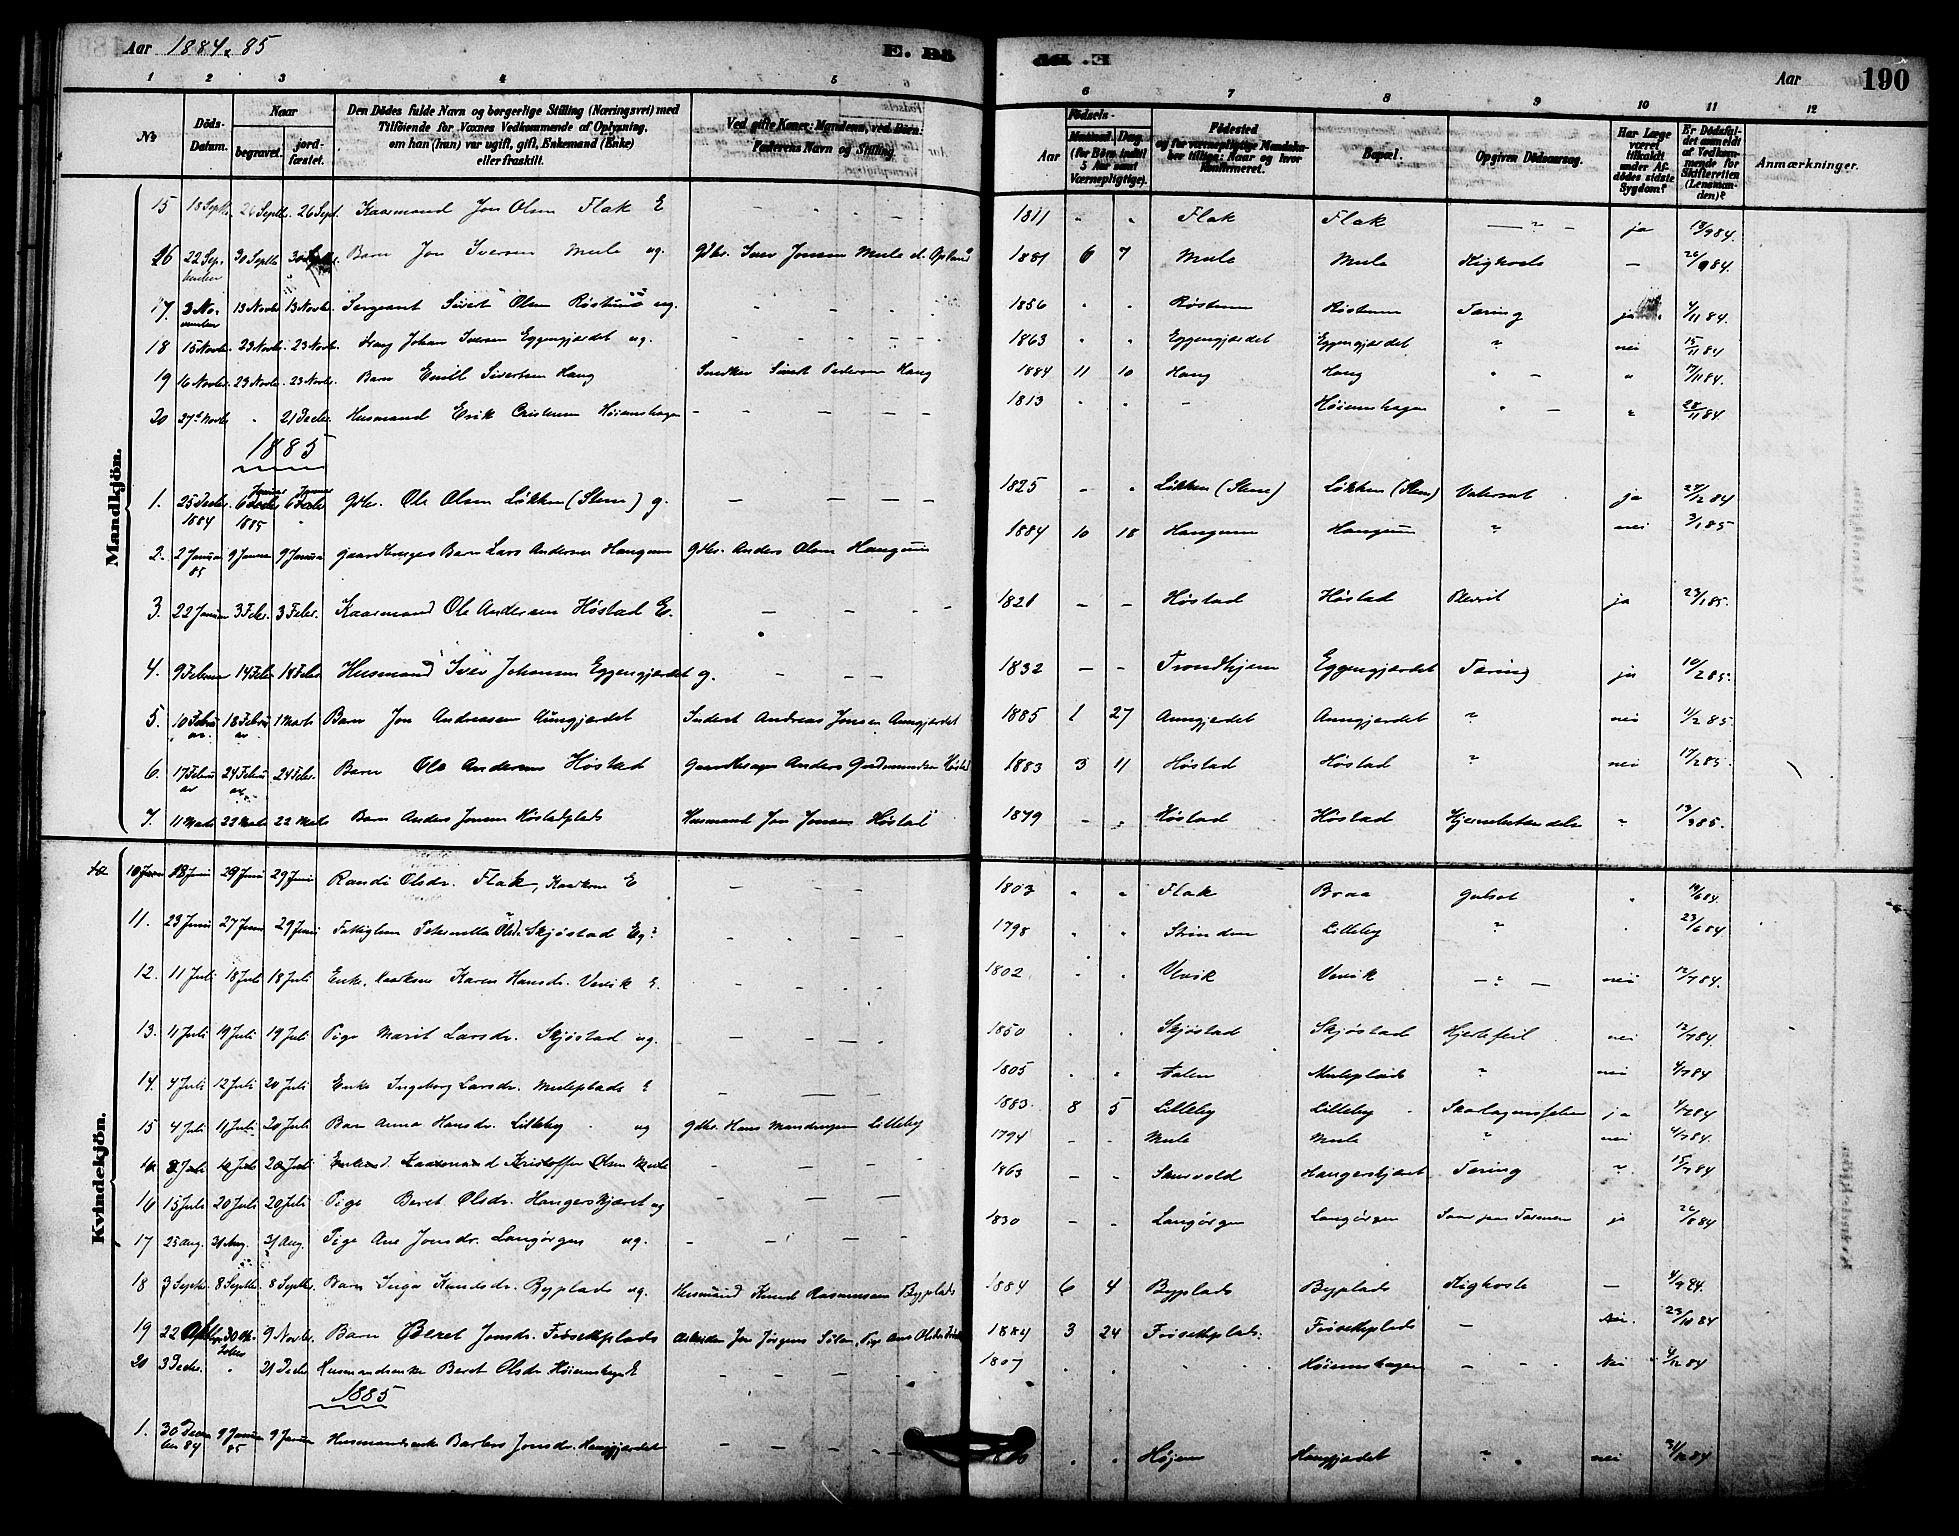 SAT, Ministerialprotokoller, klokkerbøker og fødselsregistre - Sør-Trøndelag, 612/L0378: Ministerialbok nr. 612A10, 1878-1897, s. 190